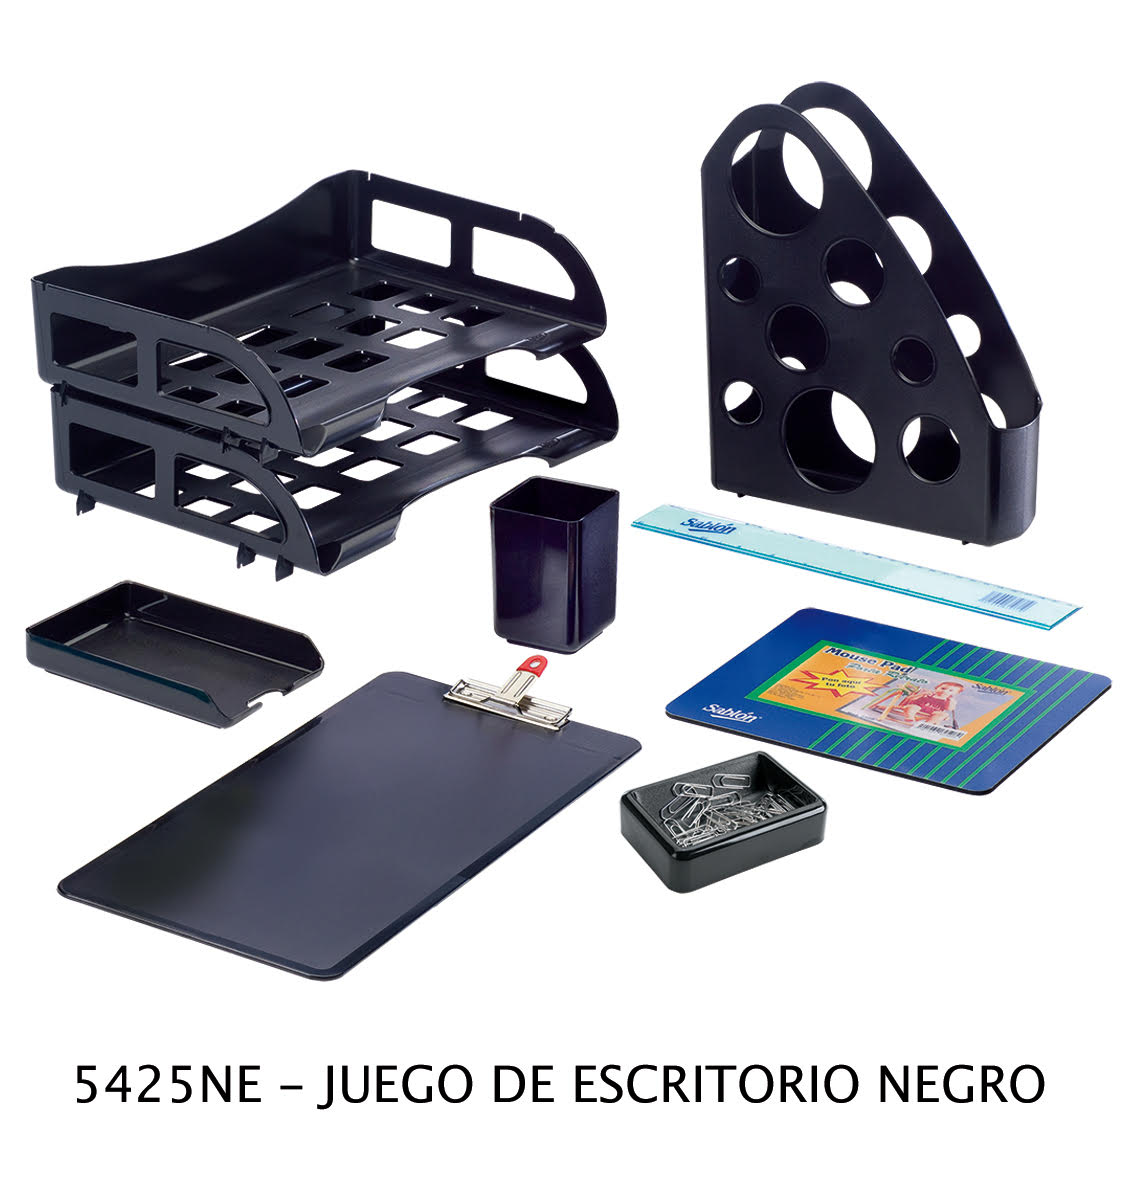 Juego de escritorio negro modelo 5425NE Sablón